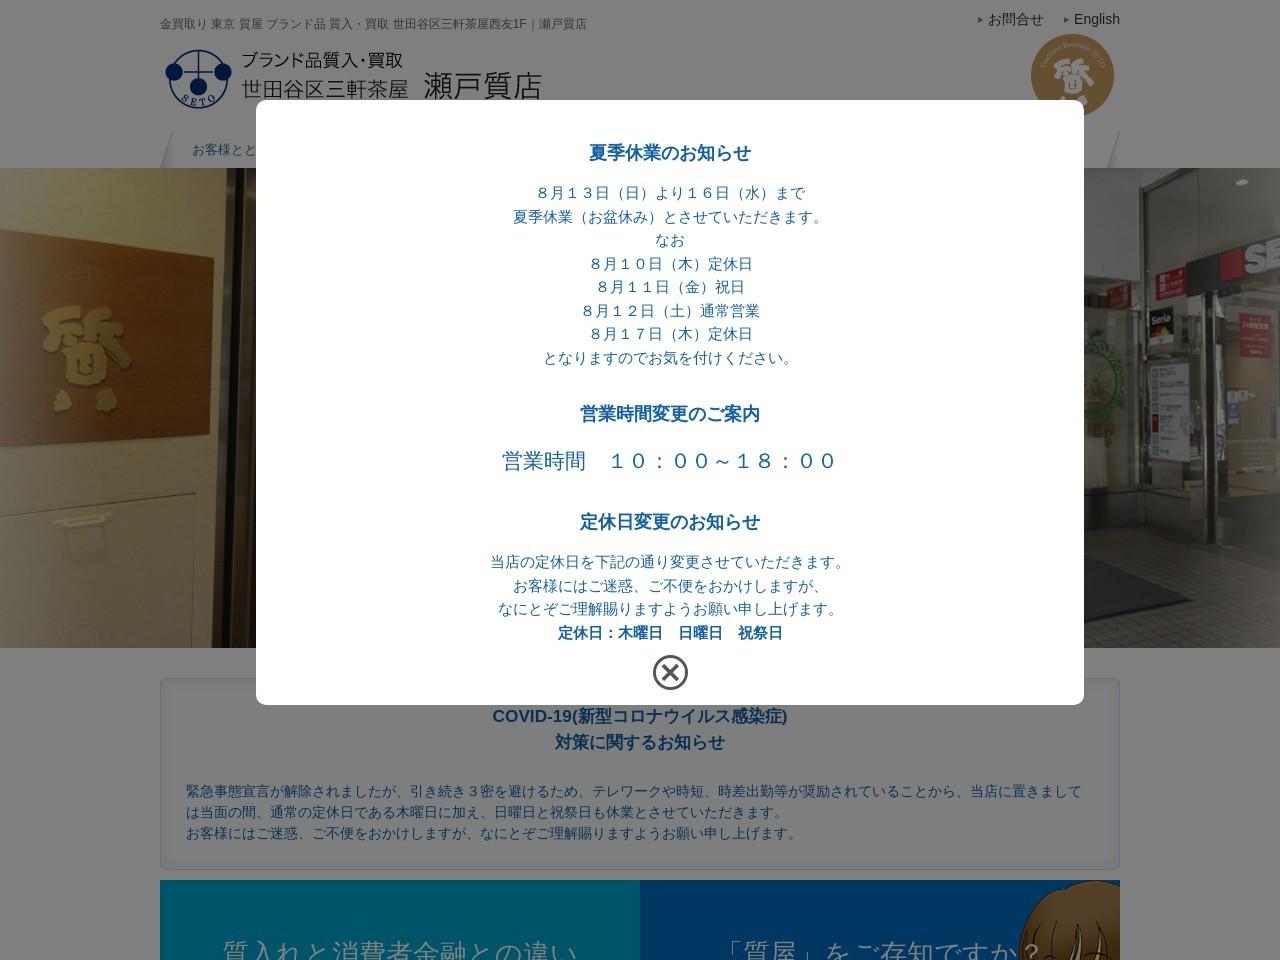 金買取り 東京 質屋 ブランド品 質入・買取 世田谷区三軒茶屋 | 瀬戸質店 のウェブサイト